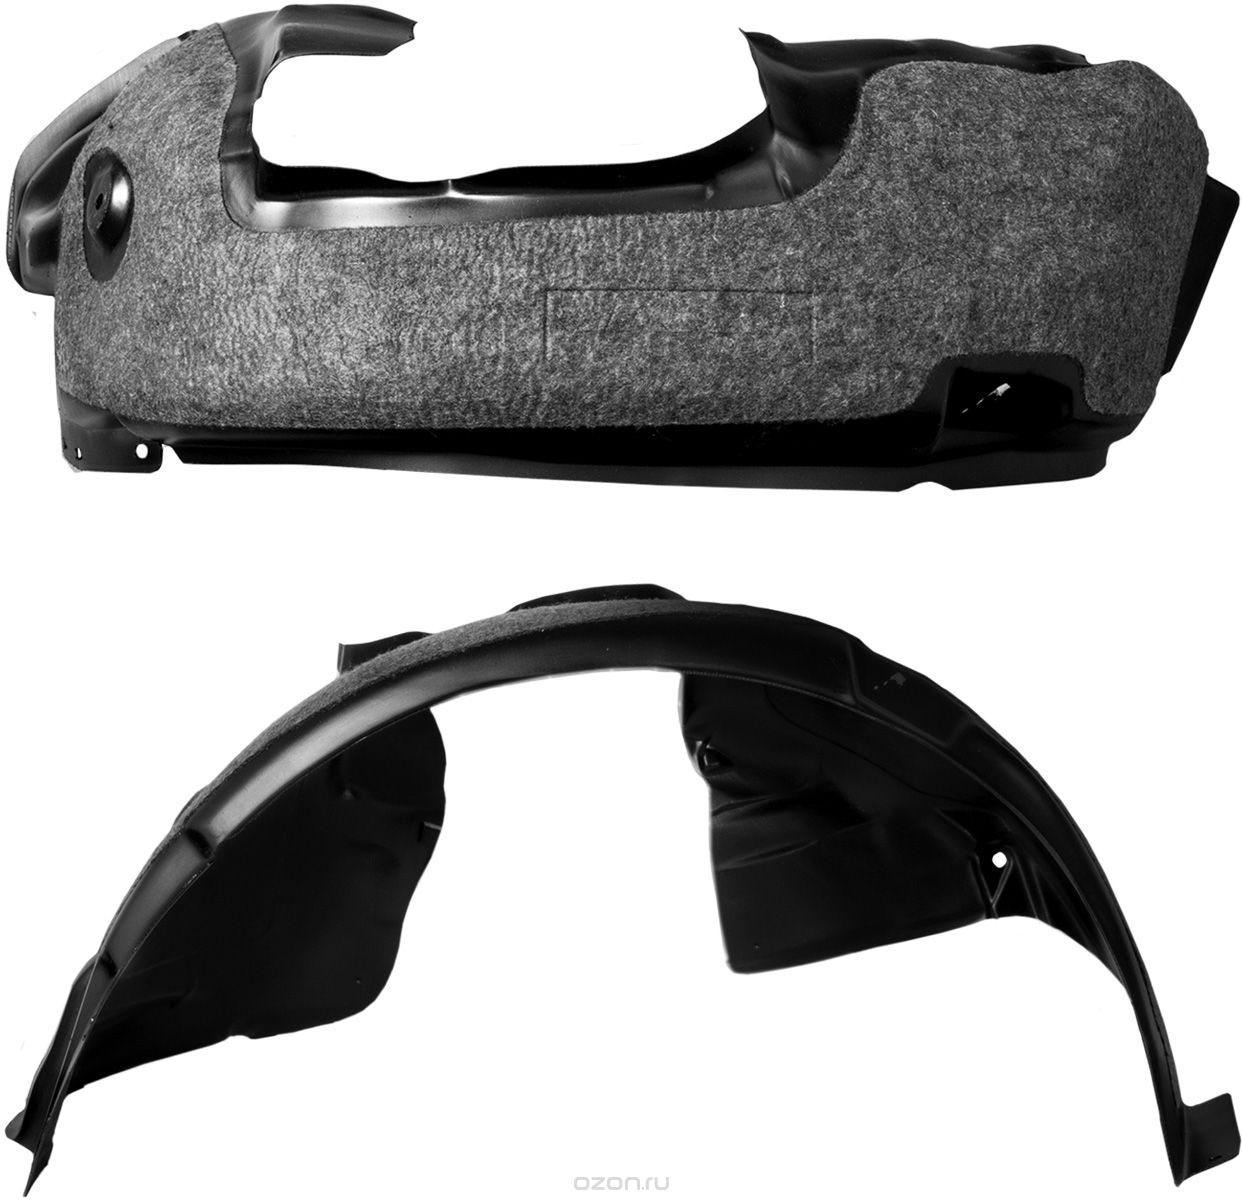 Подкрылок Novline-Autofamily с шумоизоляцией, для Geely X7, 2013->, задний левыйNLS.75.07.003Идеальная защита колесной ниши. Локеры разработаны с применением цифровых технологий, гарантируют максимальную повторяемость поверхности арки. Изделия устанавливаются без нарушения лакокрасочного покрытия автомобиля, каждый подкрылок комплектуется крепежом. Уважаемые клиенты, обращаем ваше внимание, что фотографии на подкрылки универсальные и не отражают реальную форму изделия. При этом само изделие идет точно под размер указанного автомобиля.